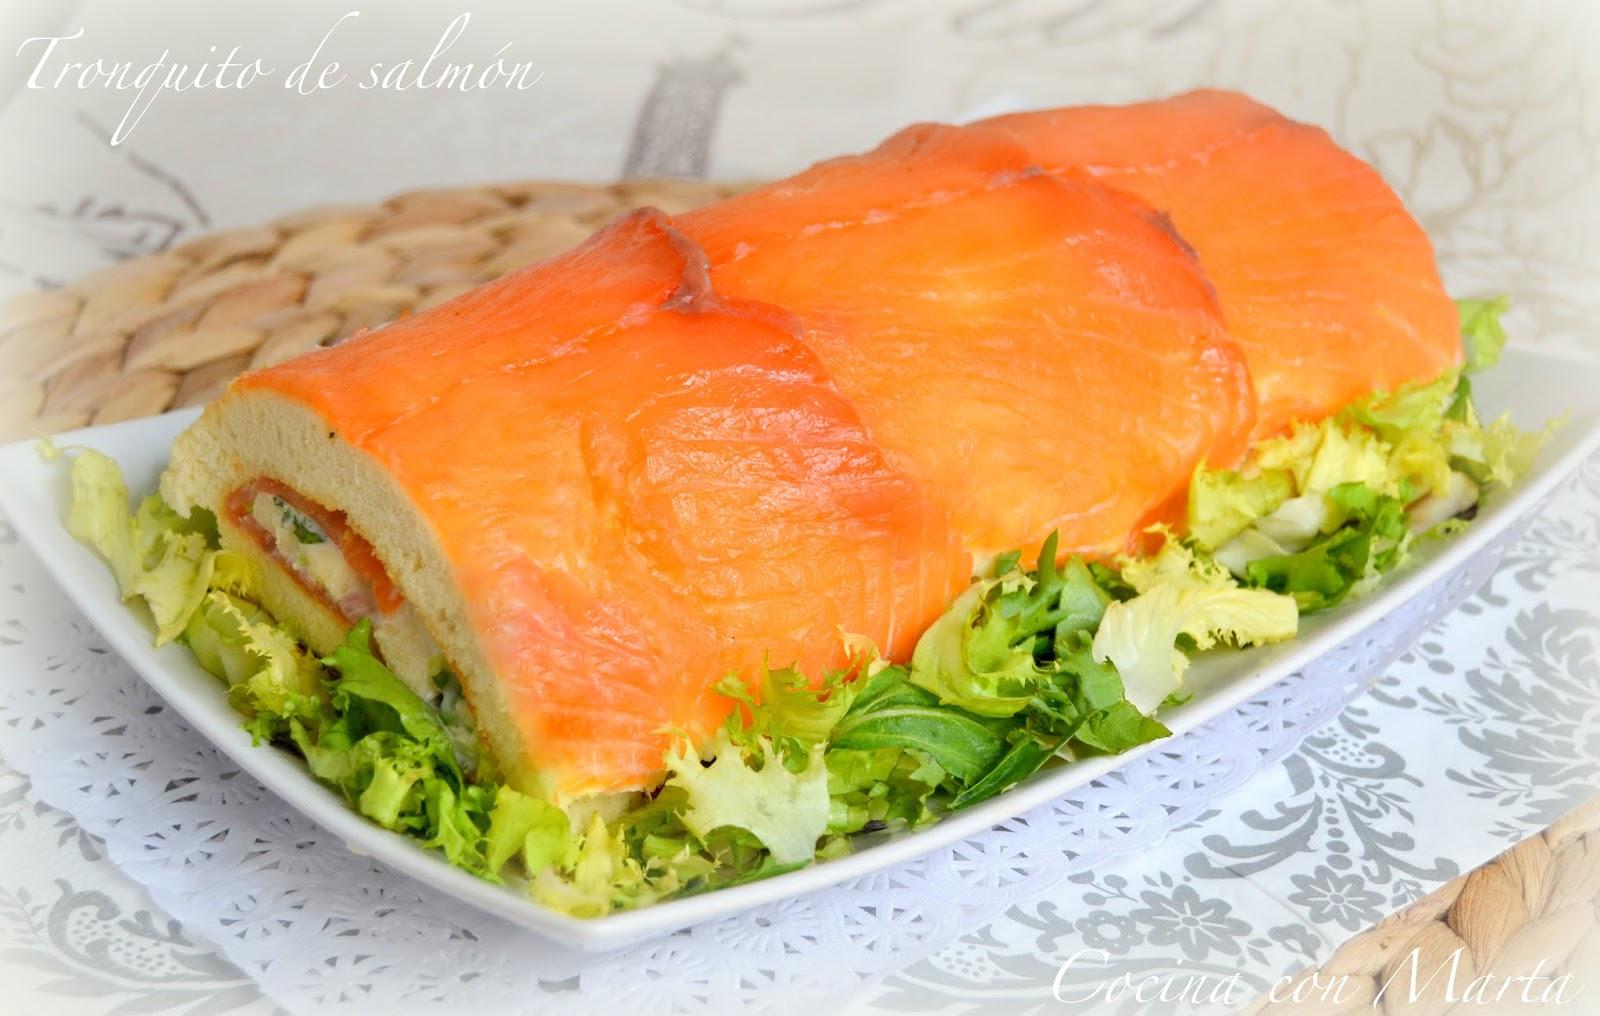 Tronquito salado de salmón. Bizcocho  casero con y sin Thermomix. Ocasiones especiales